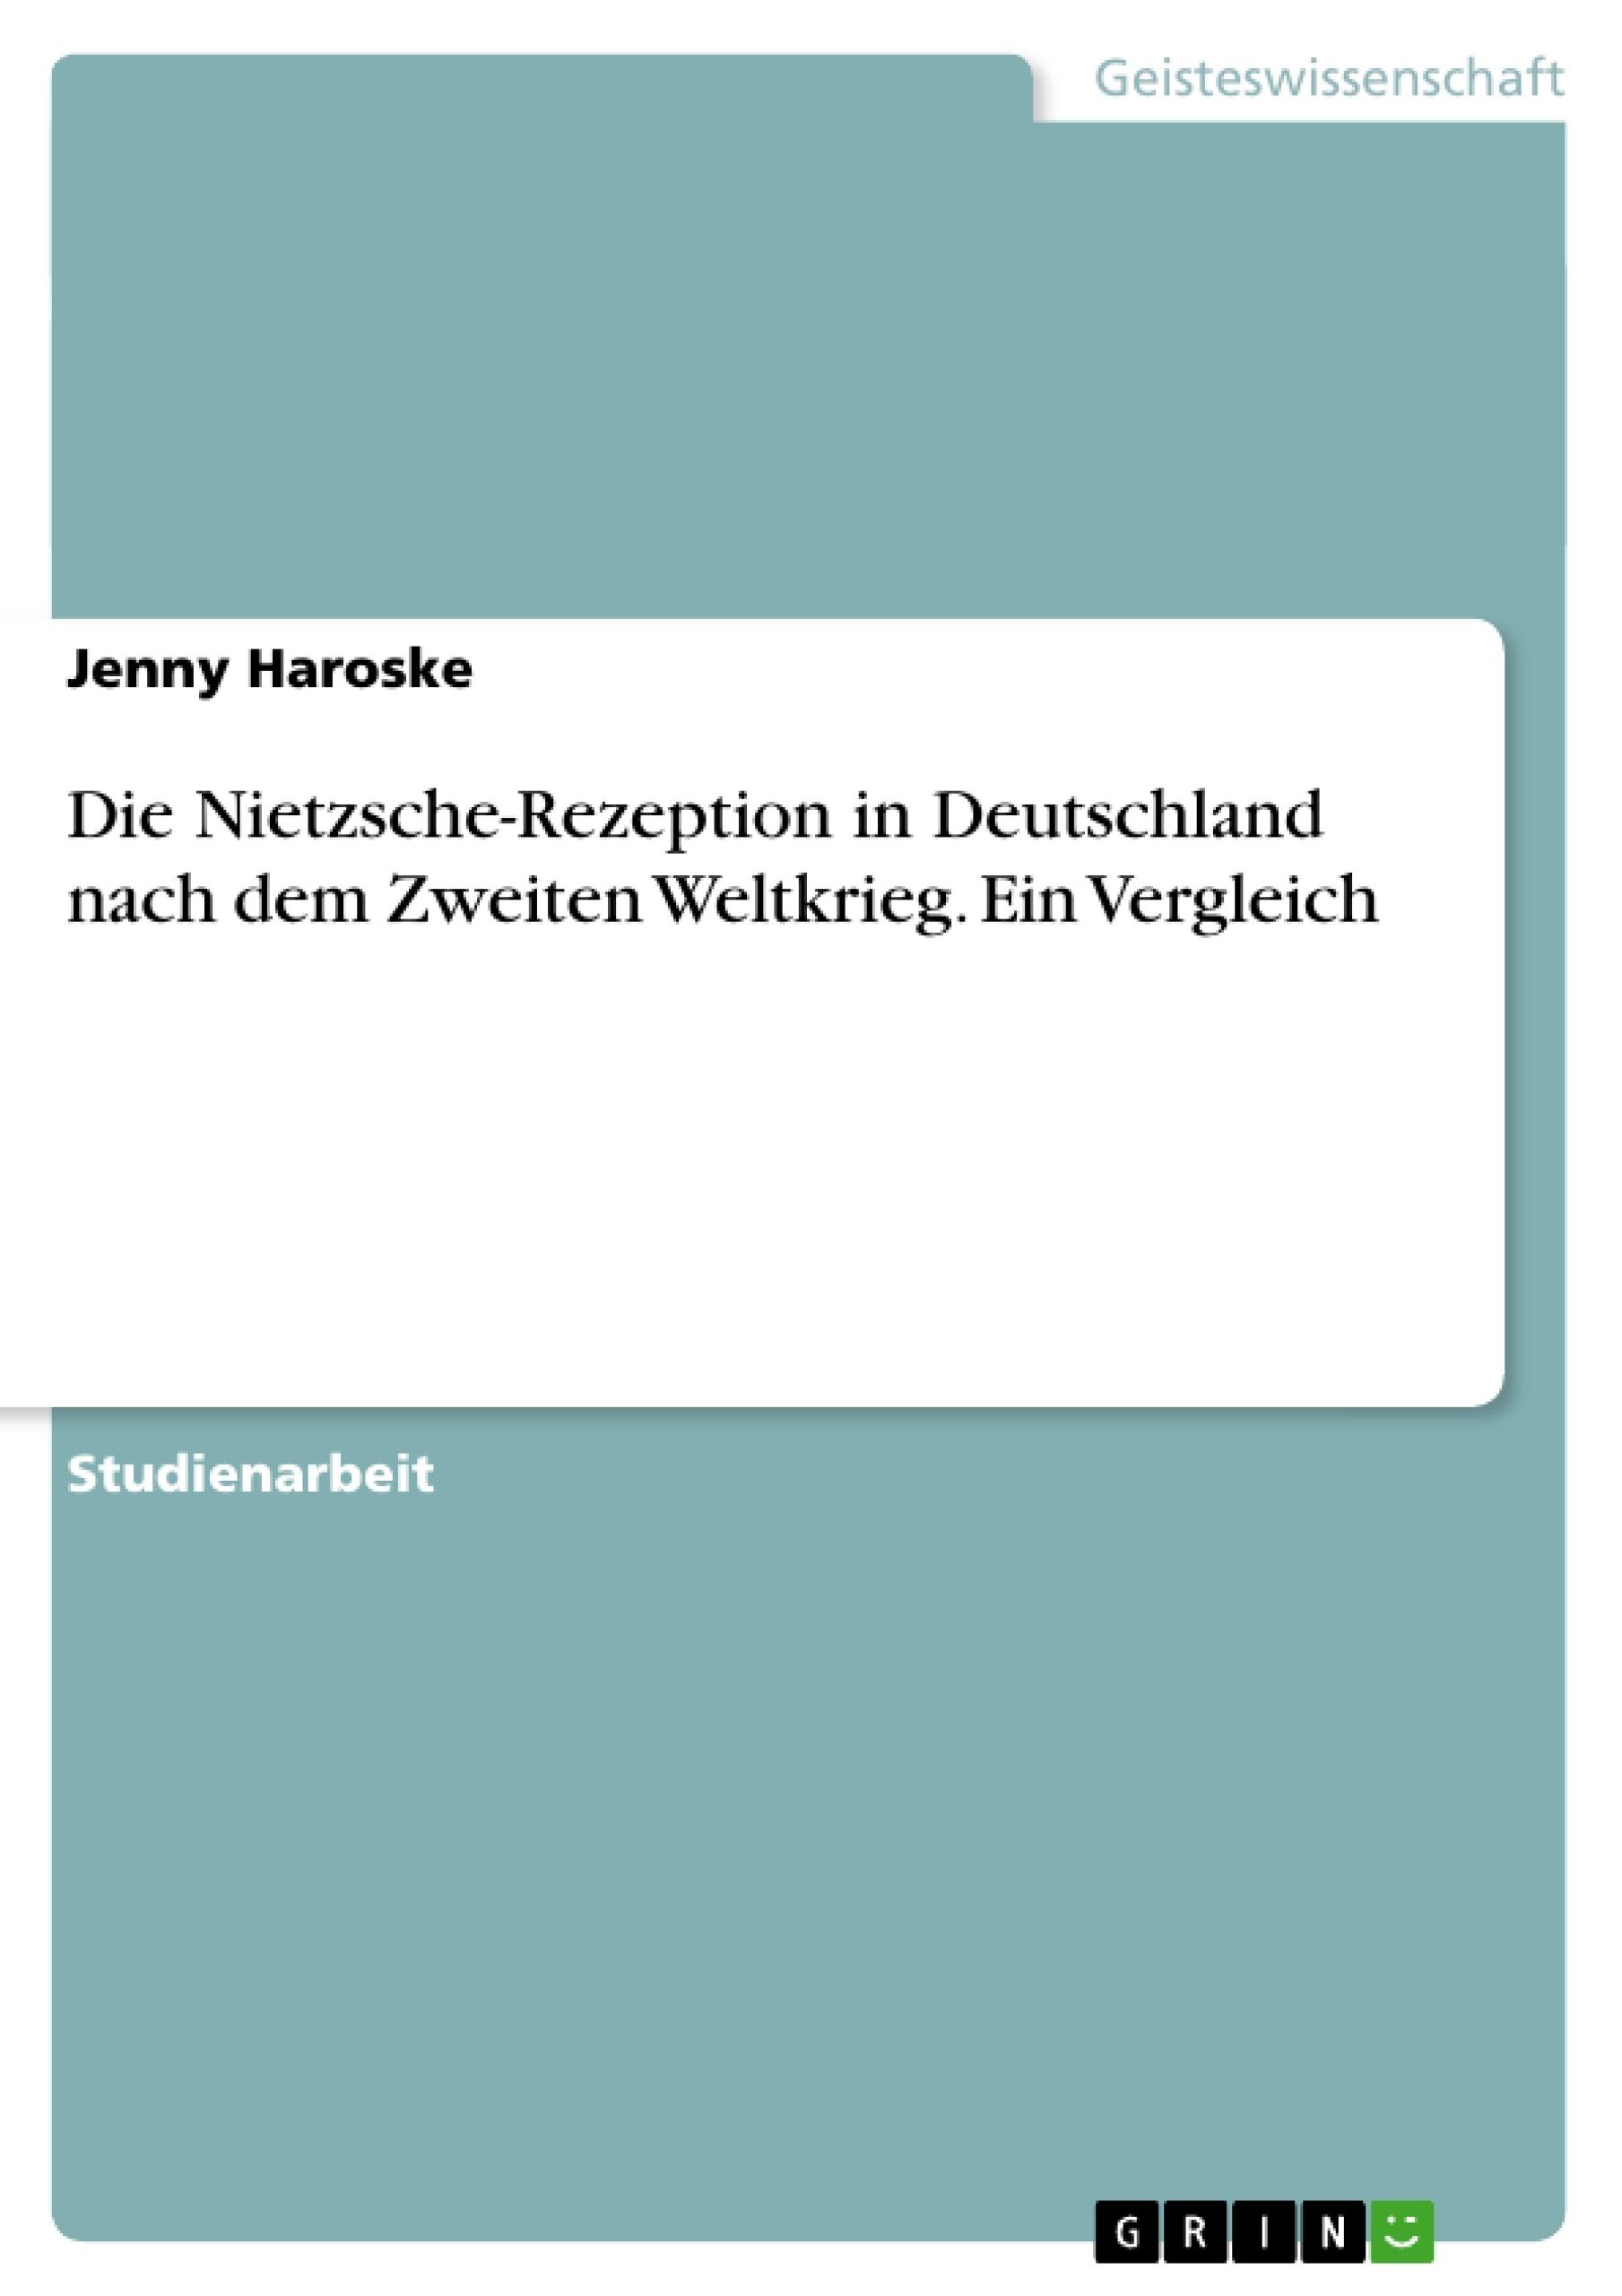 Titel: Die Nietzsche-Rezeption in Deutschland nach dem Zweiten Weltkrieg. Ein Vergleich